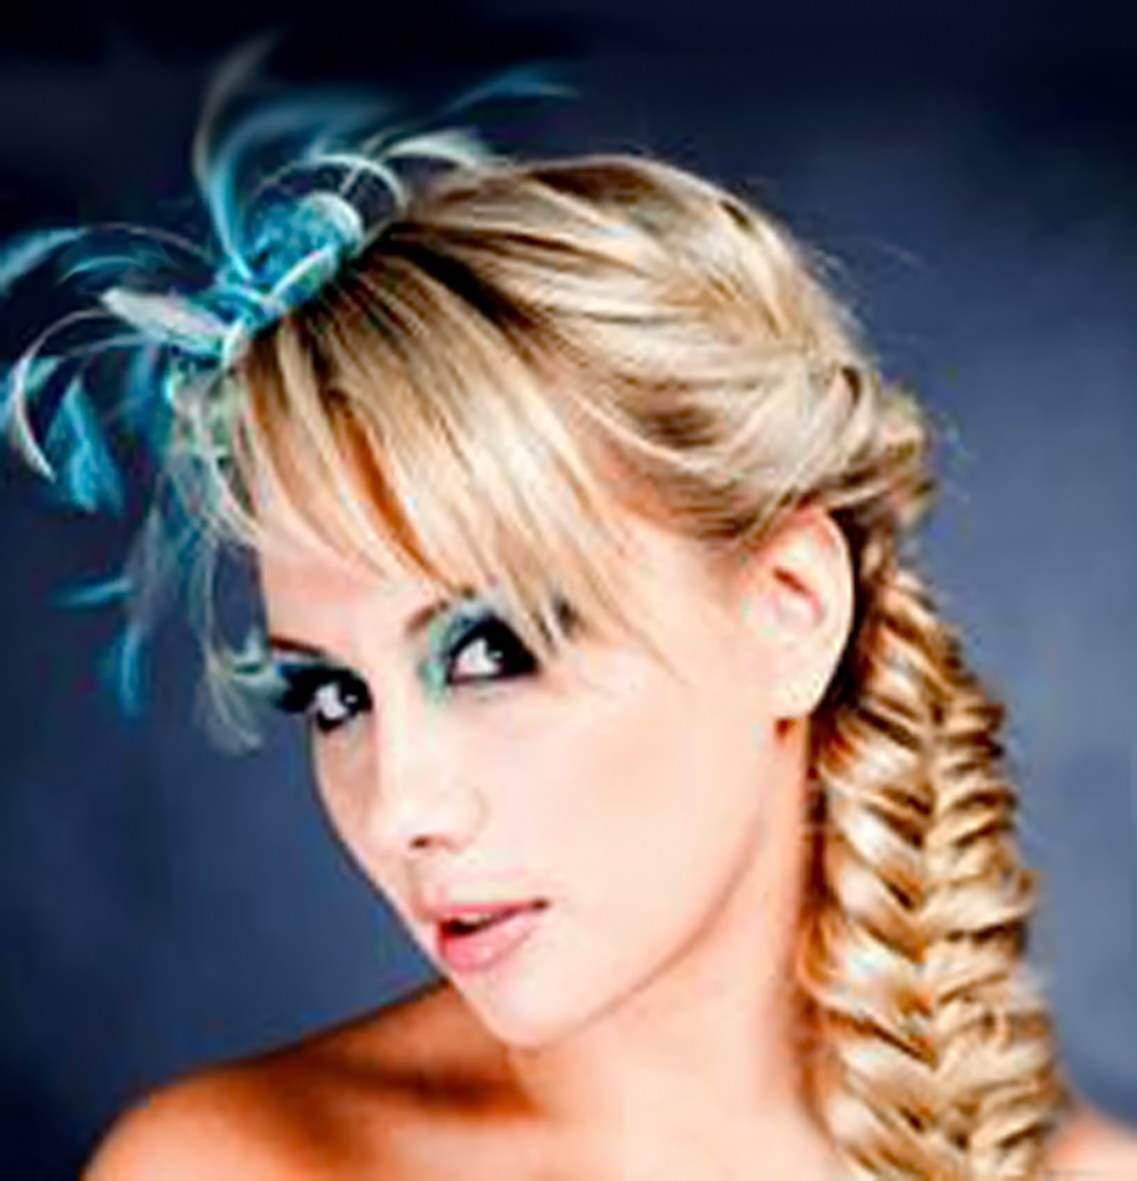 красивые и простые прически на длинные волосы - «РЫБИЙ ХВОСТ» С УКРАШЕНИЯМИ